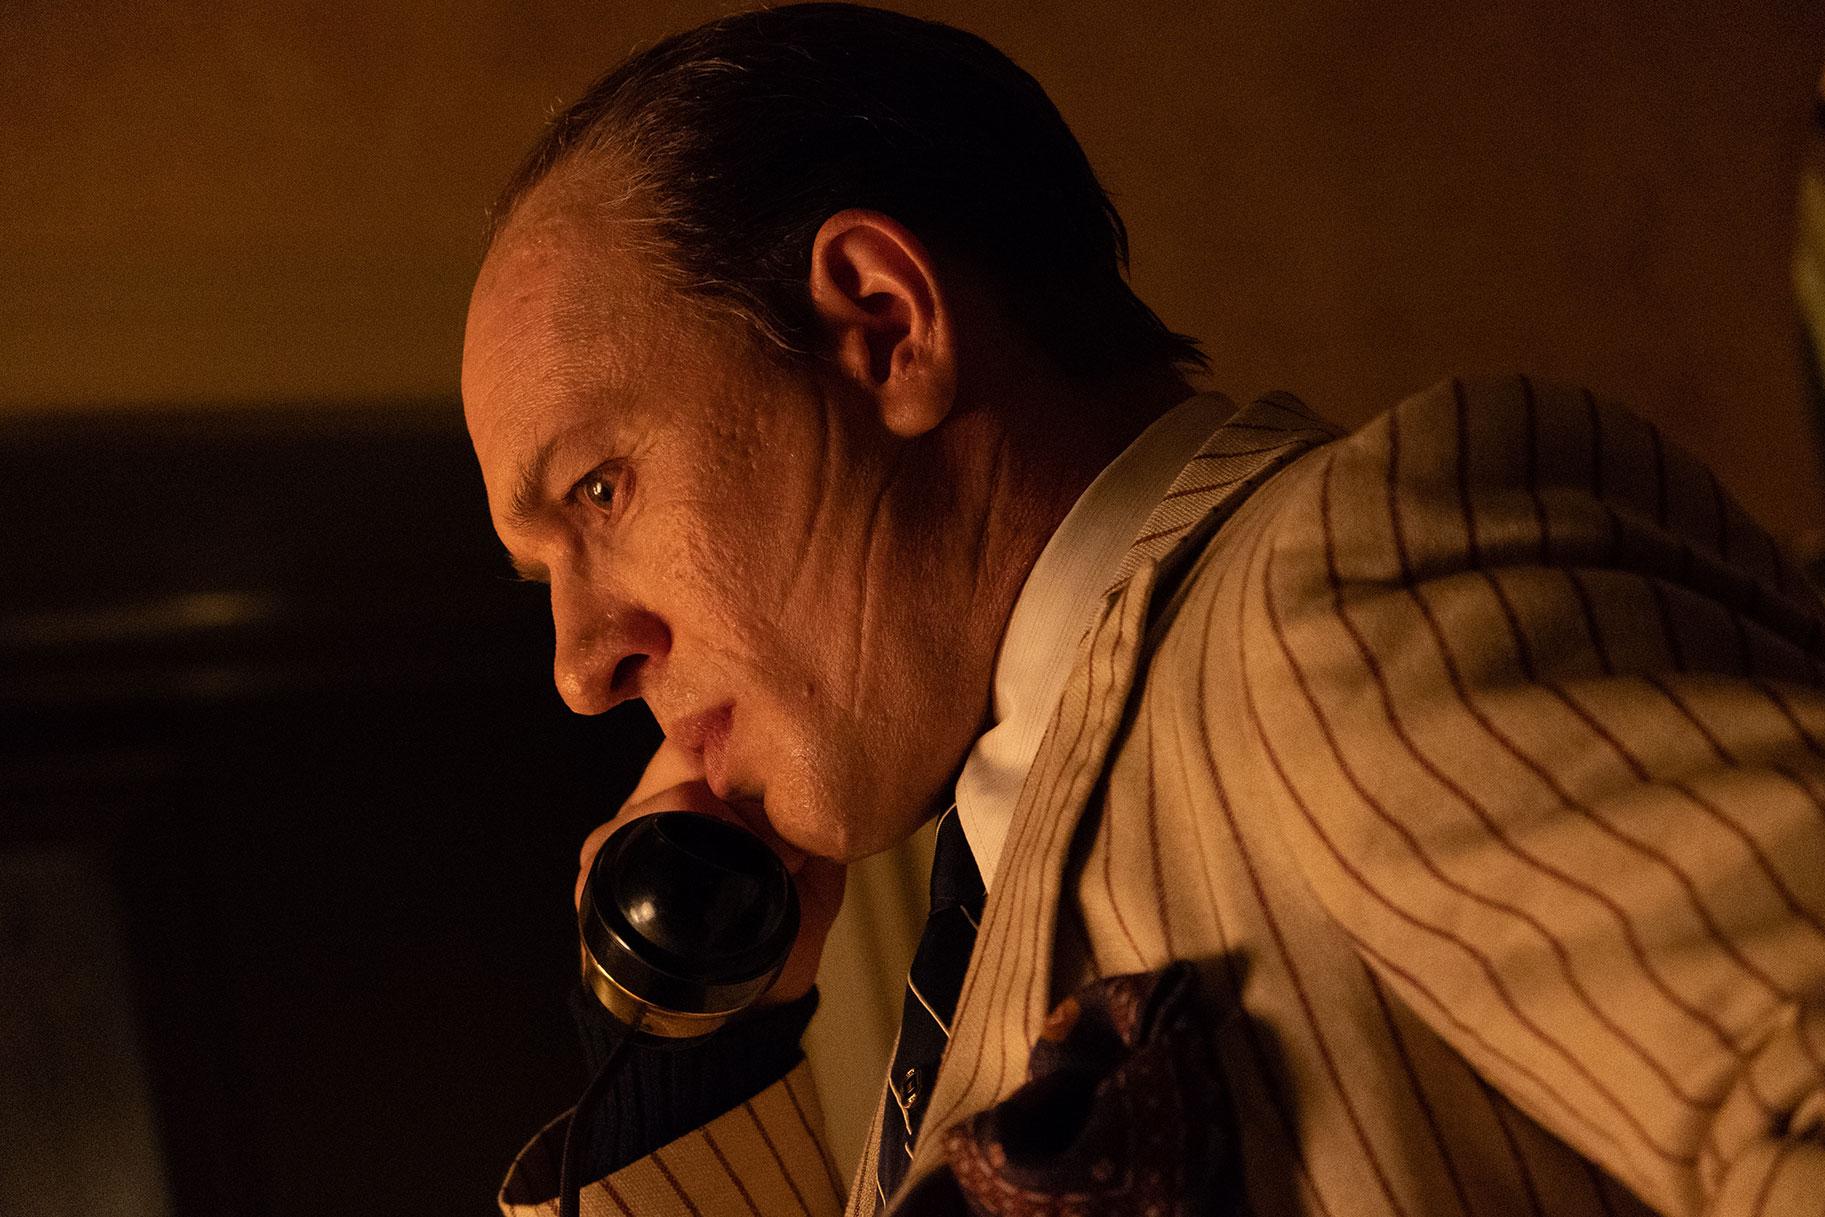 Kurikuulus gangster Al Capone oli elu lõpus uskumatult halva tervisega - mis oli valesti?